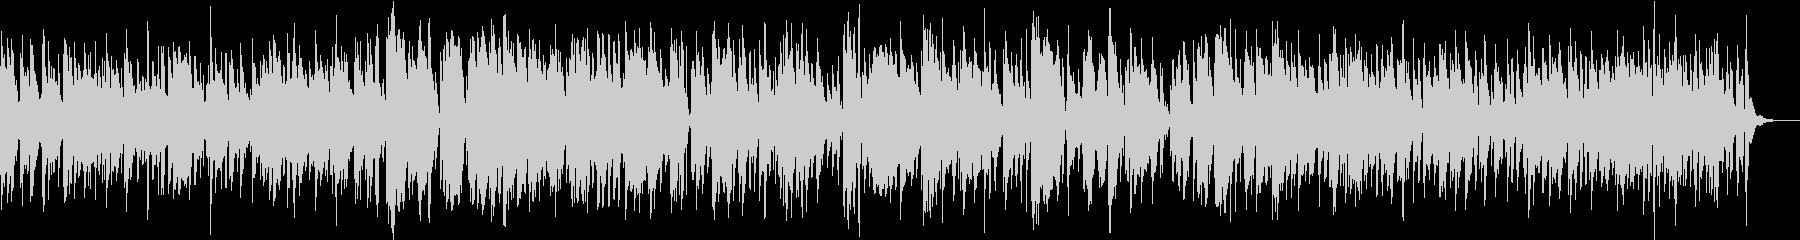 生演奏・ジャズ・トランペット・店舗BGMの未再生の波形